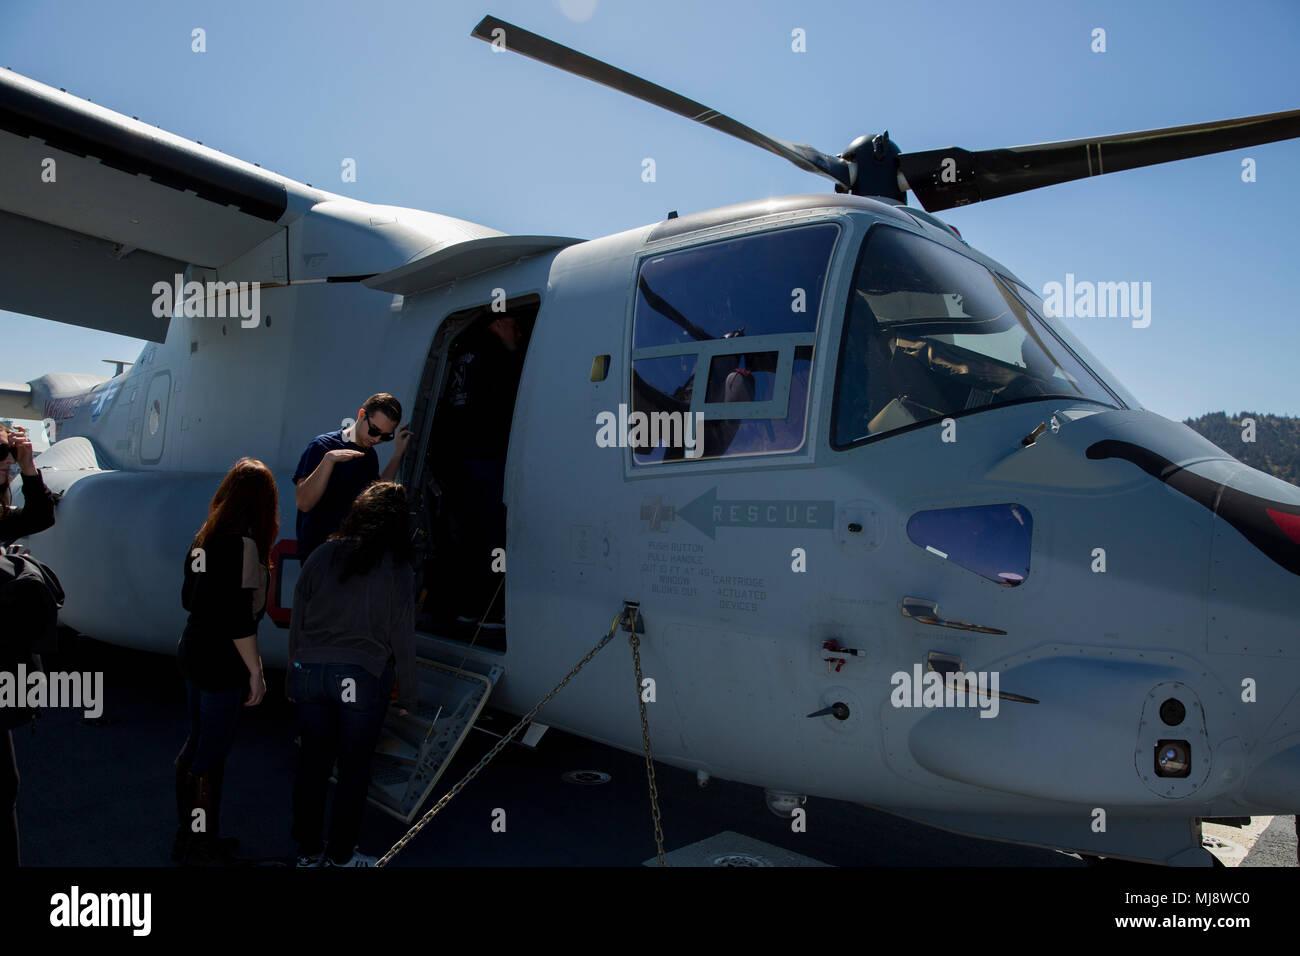 Aufgenommene Stockfotos & Aufgenommene Bilder - Alamy